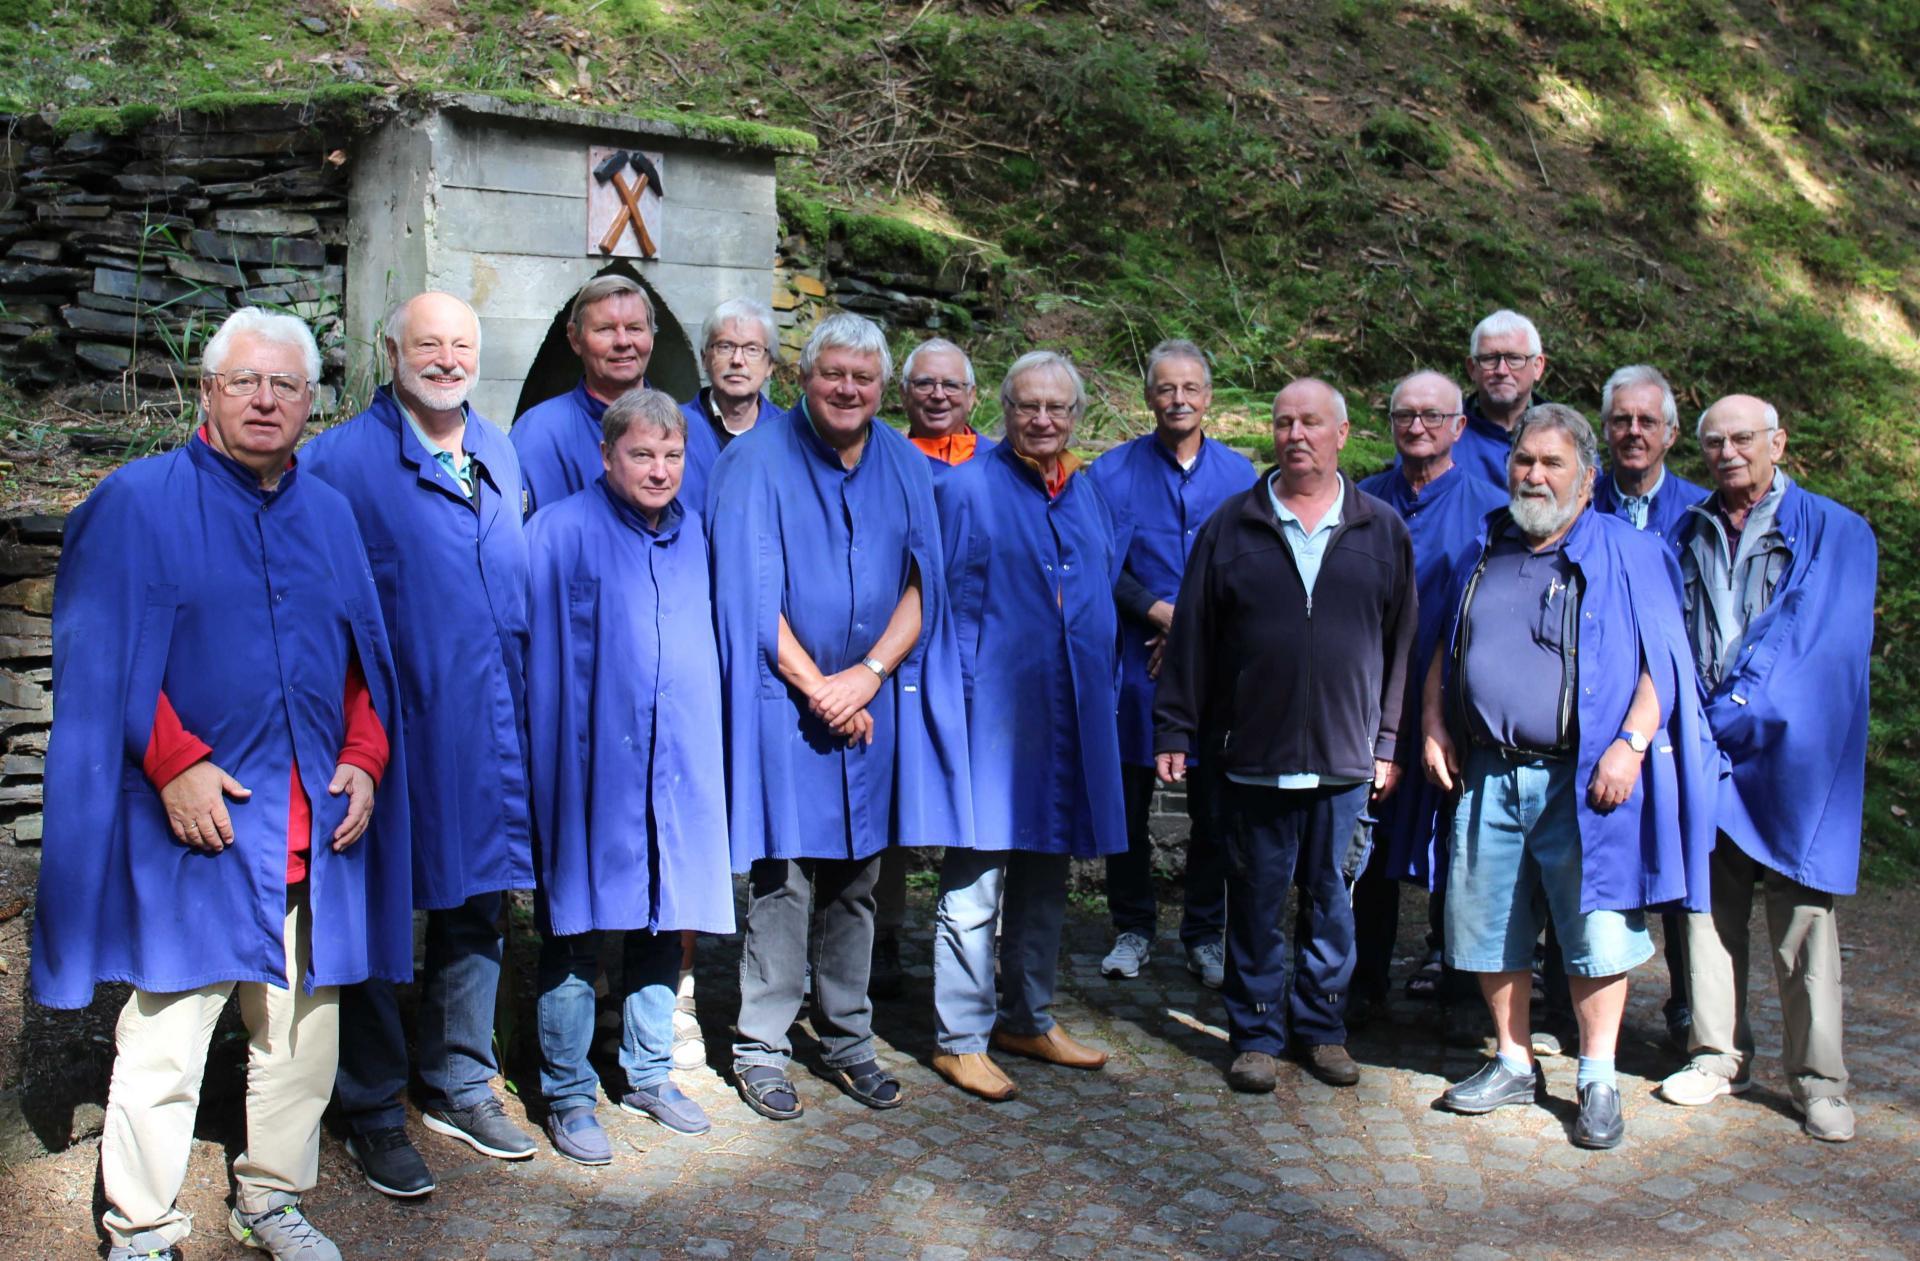 Die 14 'Zwerge' aus der Morassina Grotte in Schmiedefeld (Foto: Peter Kempf)